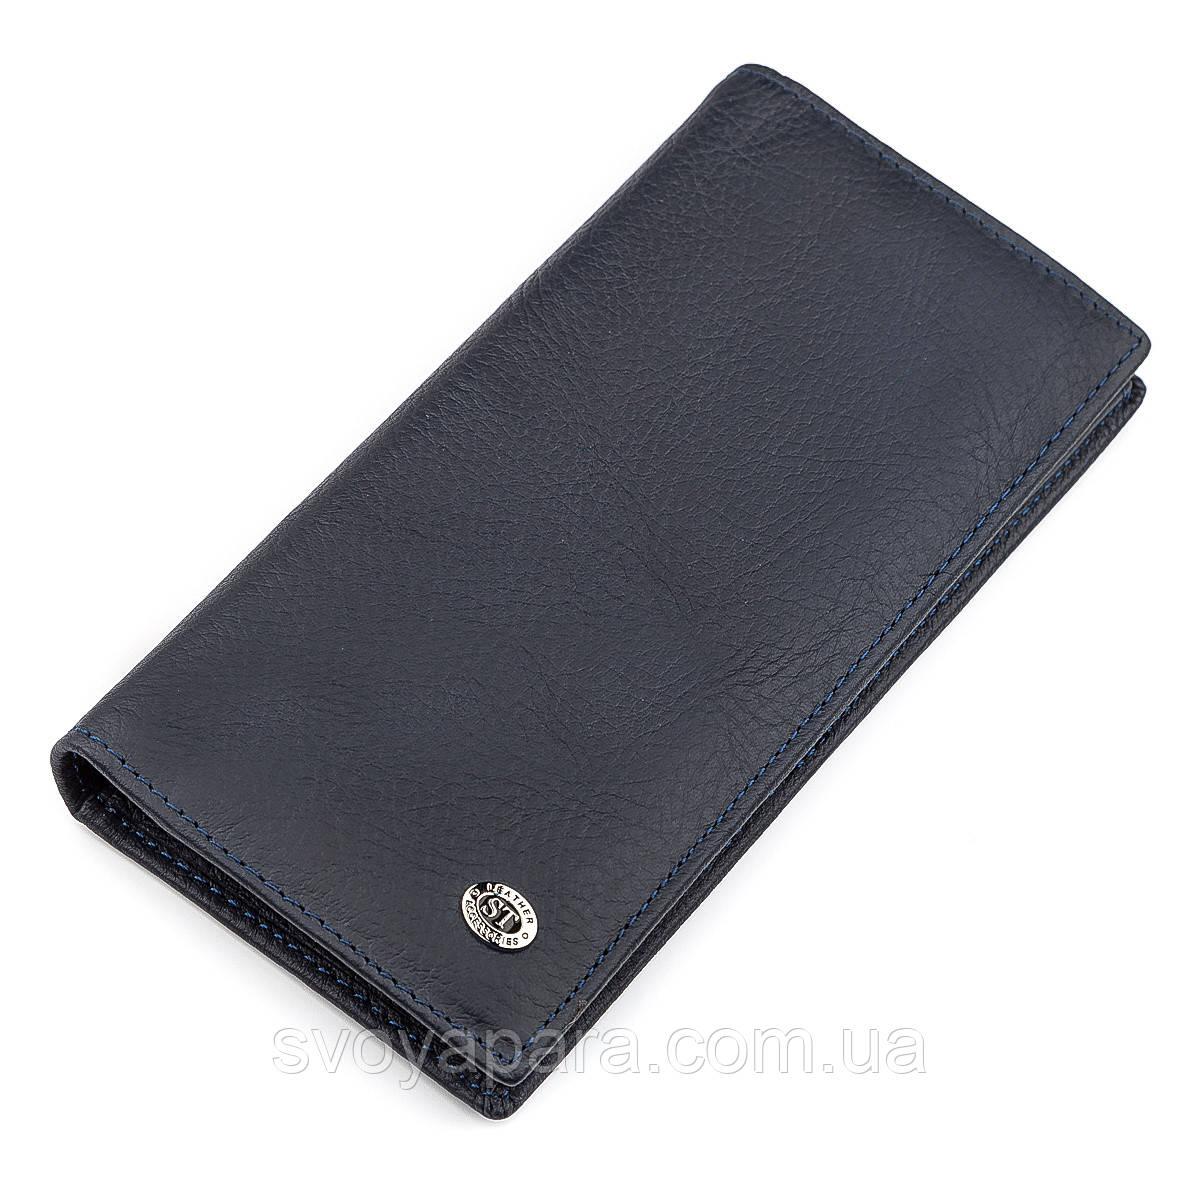 Мужской купюрник ST Leather 18370 (ST148) очень удобный Синий